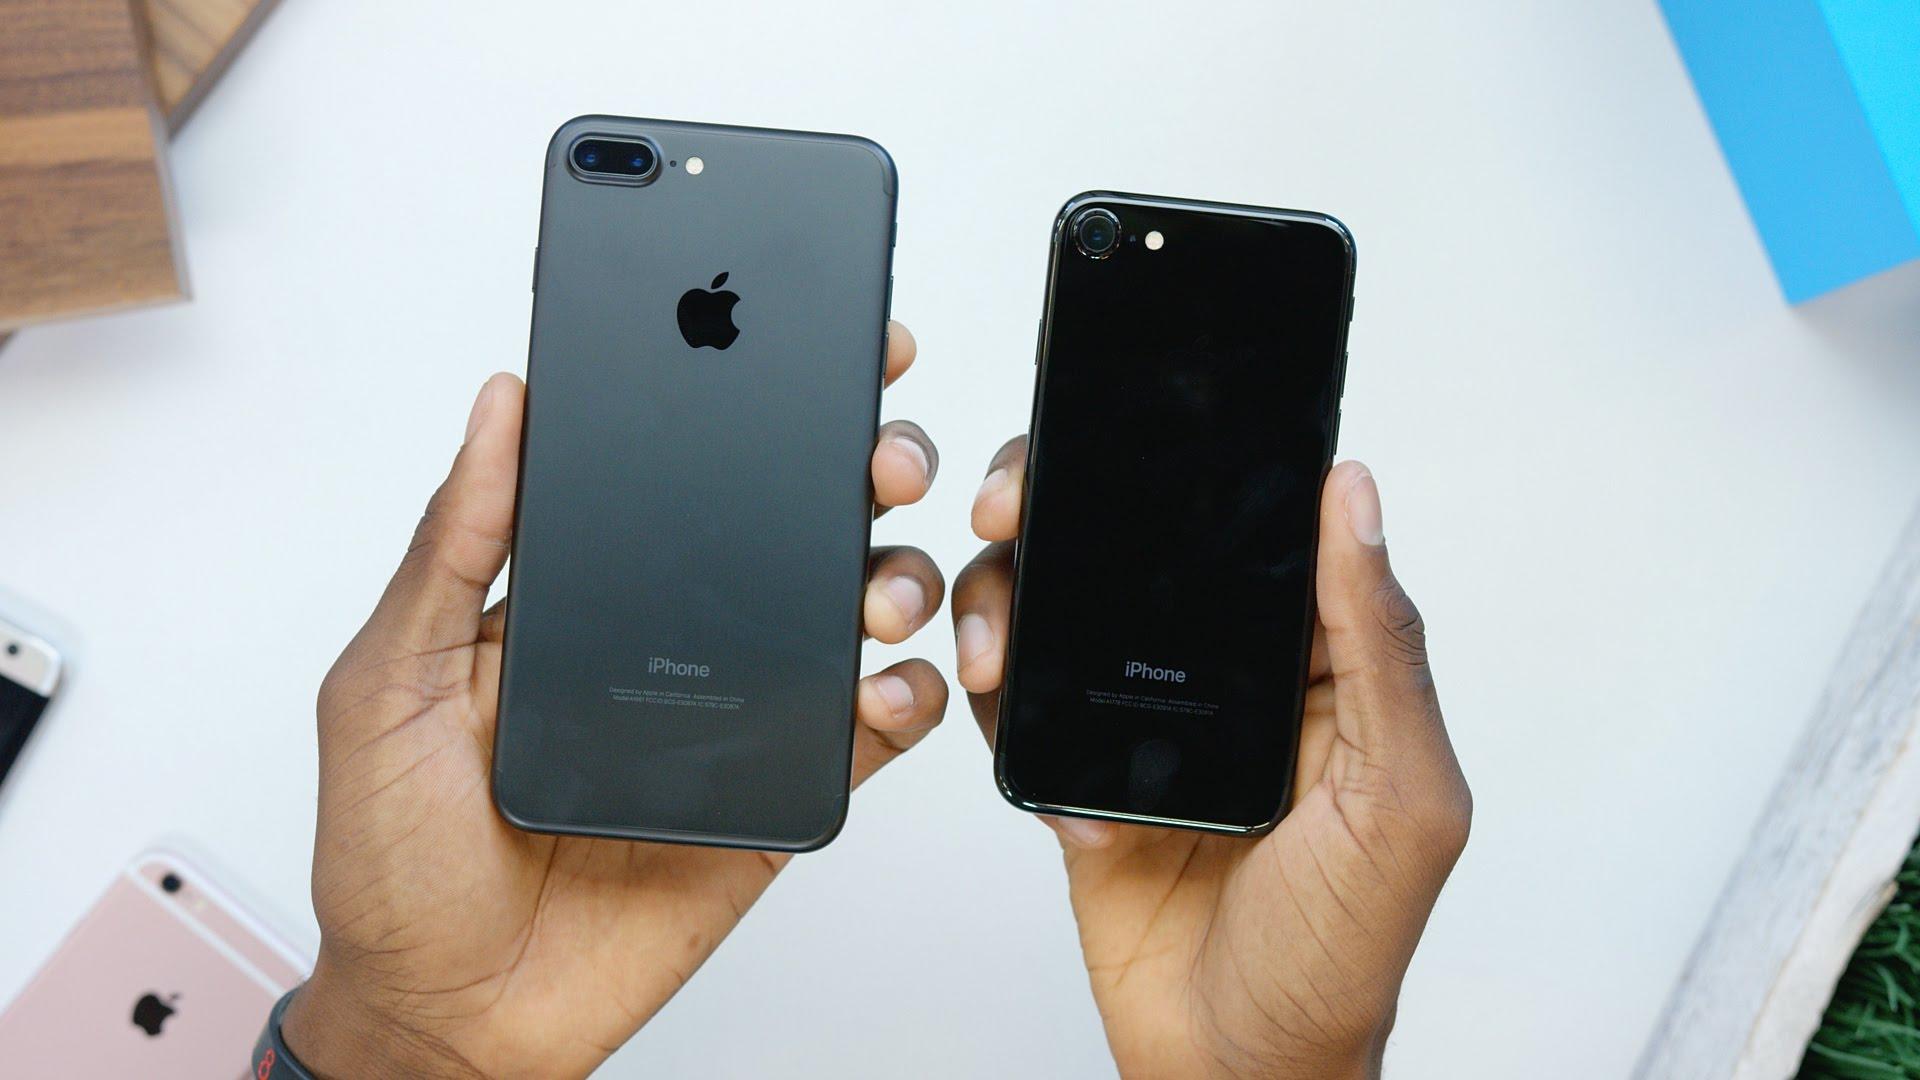 iPhone 7 Jet Black dễ bị bám vân tay iPhone 7 - iPhone 7/7 plus giảm giá sâu, thời điểm thích hợp để mua iPhone 6 cũ